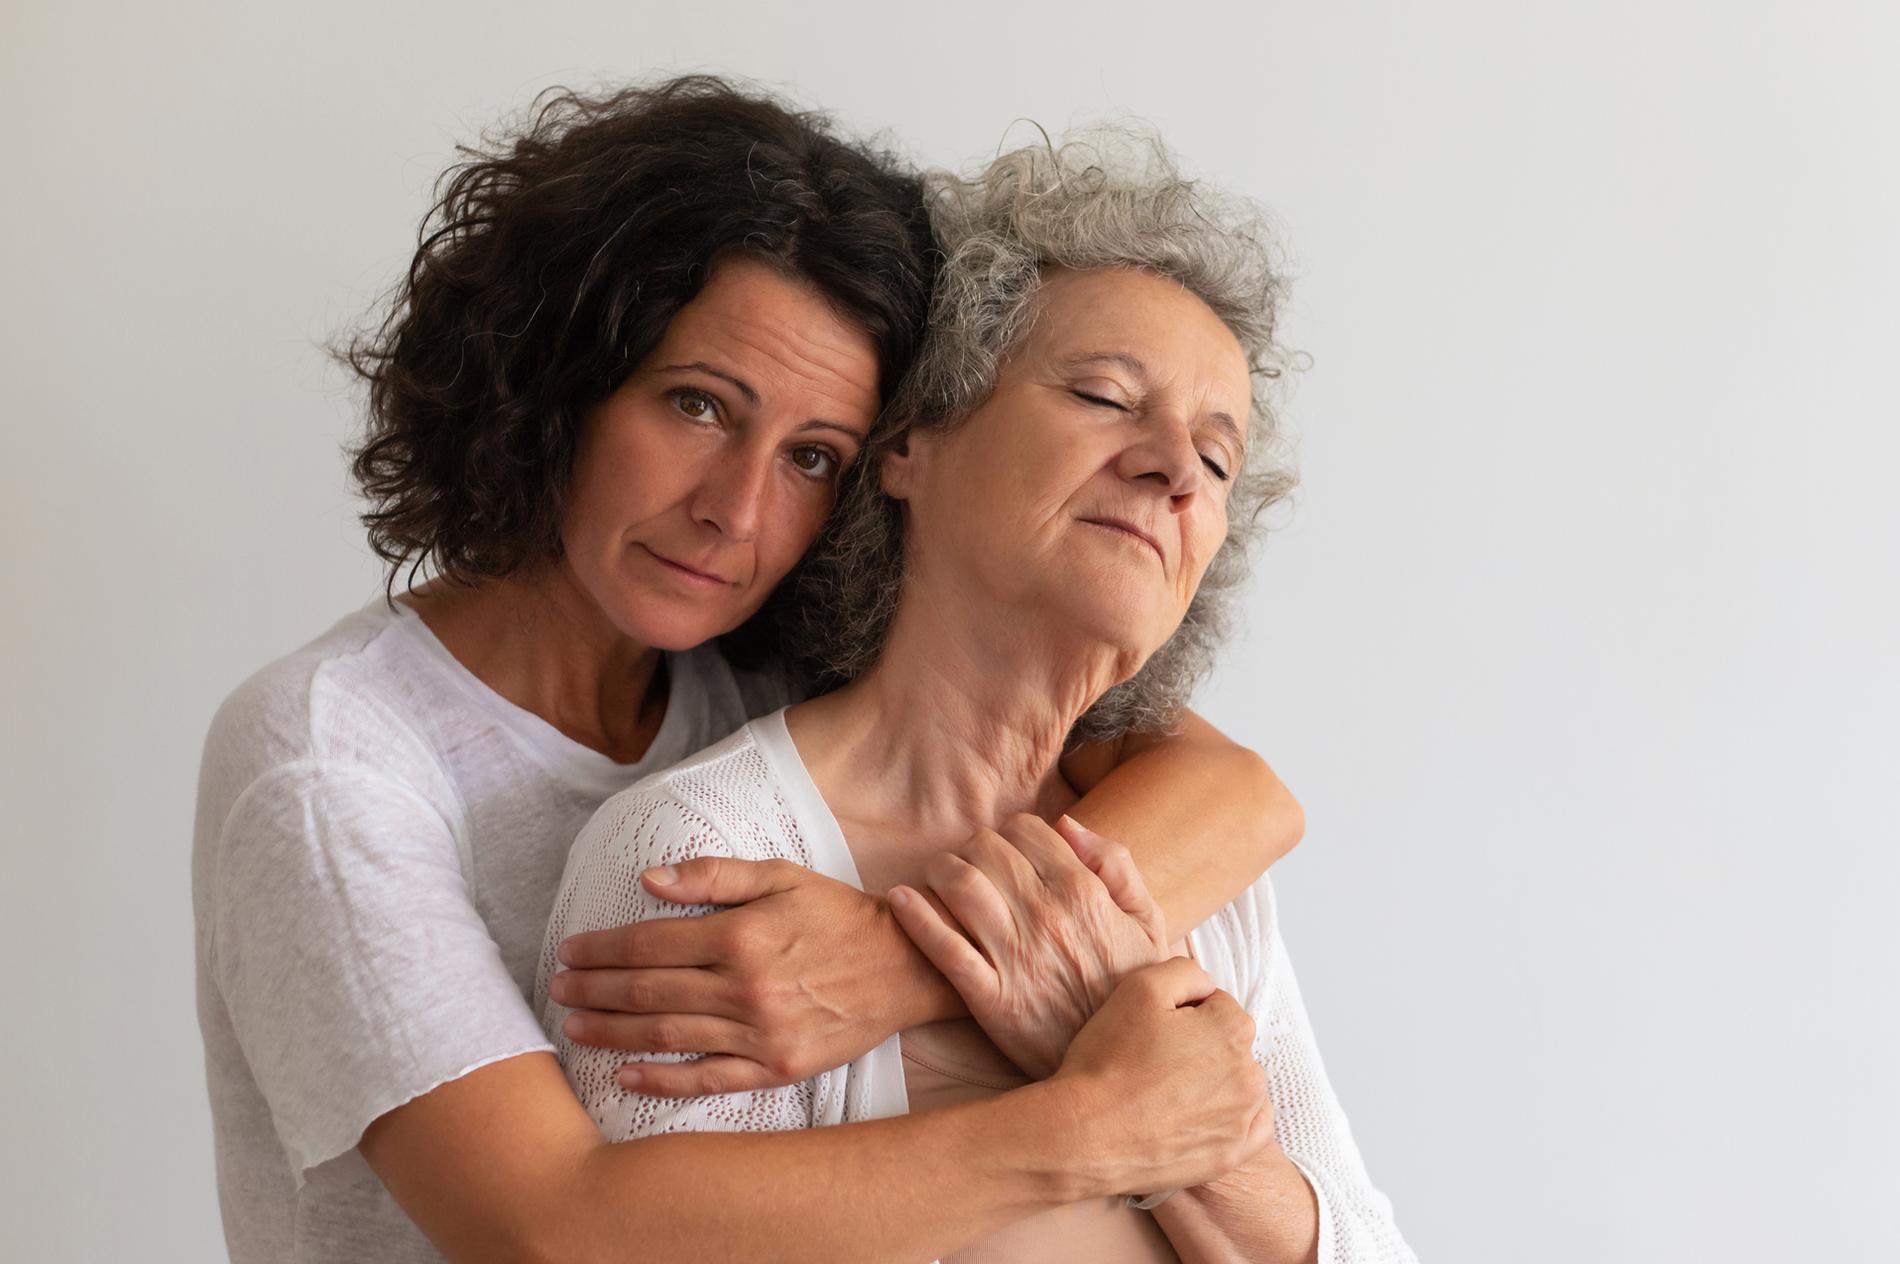 Sådan mor, sådan dotter. Många sjukdomar är ärftliga. Ta reda på vilka som finns i släkten och sök hjälp i tid